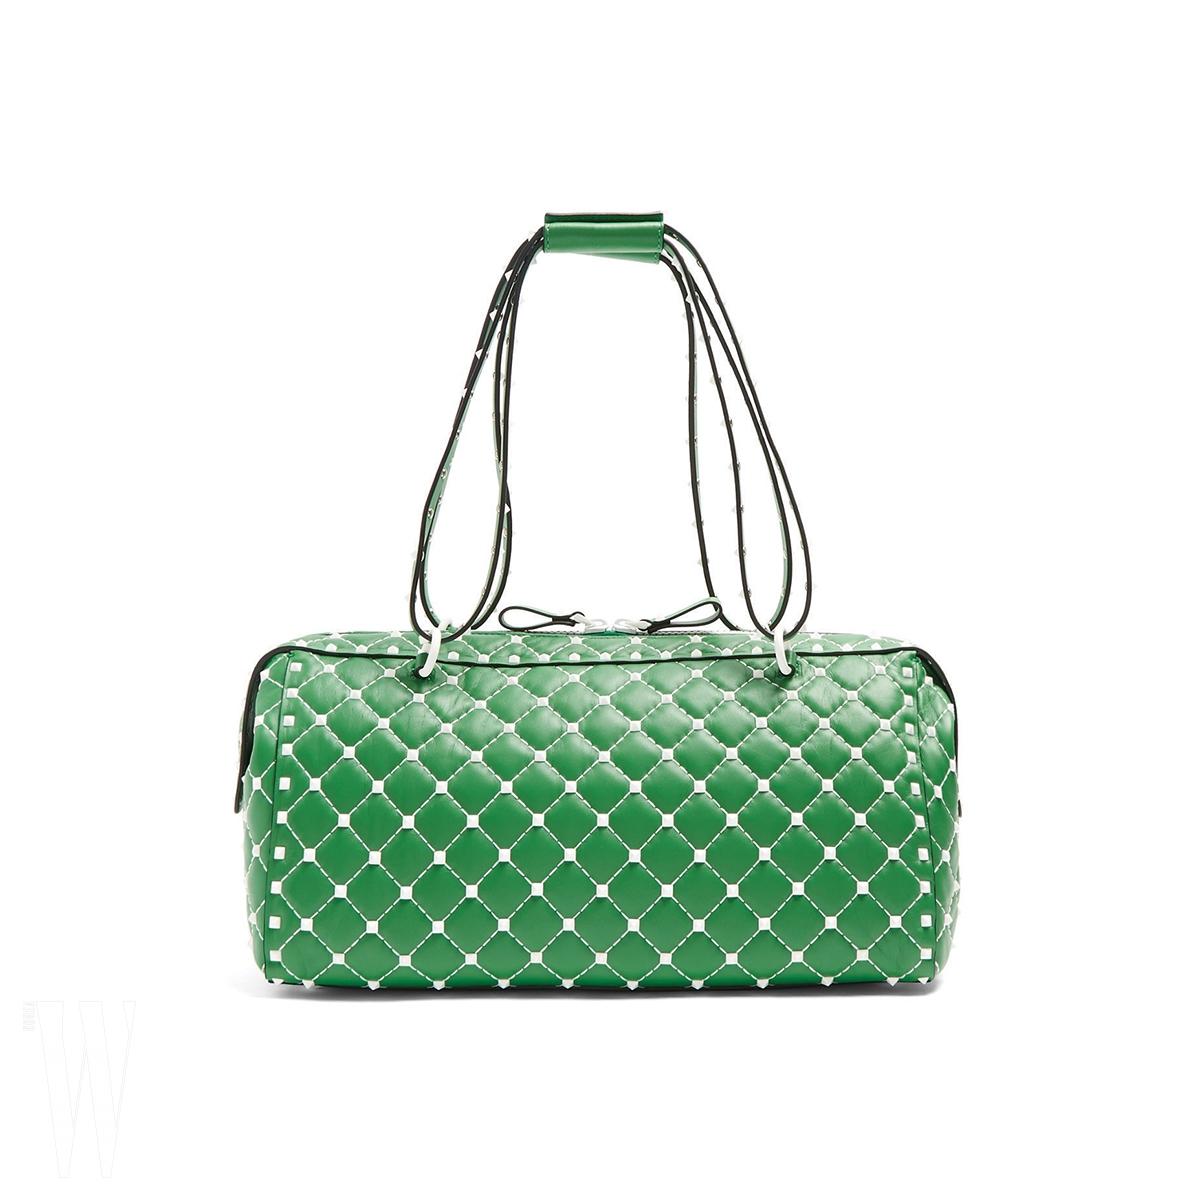 VALENTINO GARAVANI 프리 락 스터드 컬렉션 토트백은 발렌티노 가라바니 제품. 가격 미정.